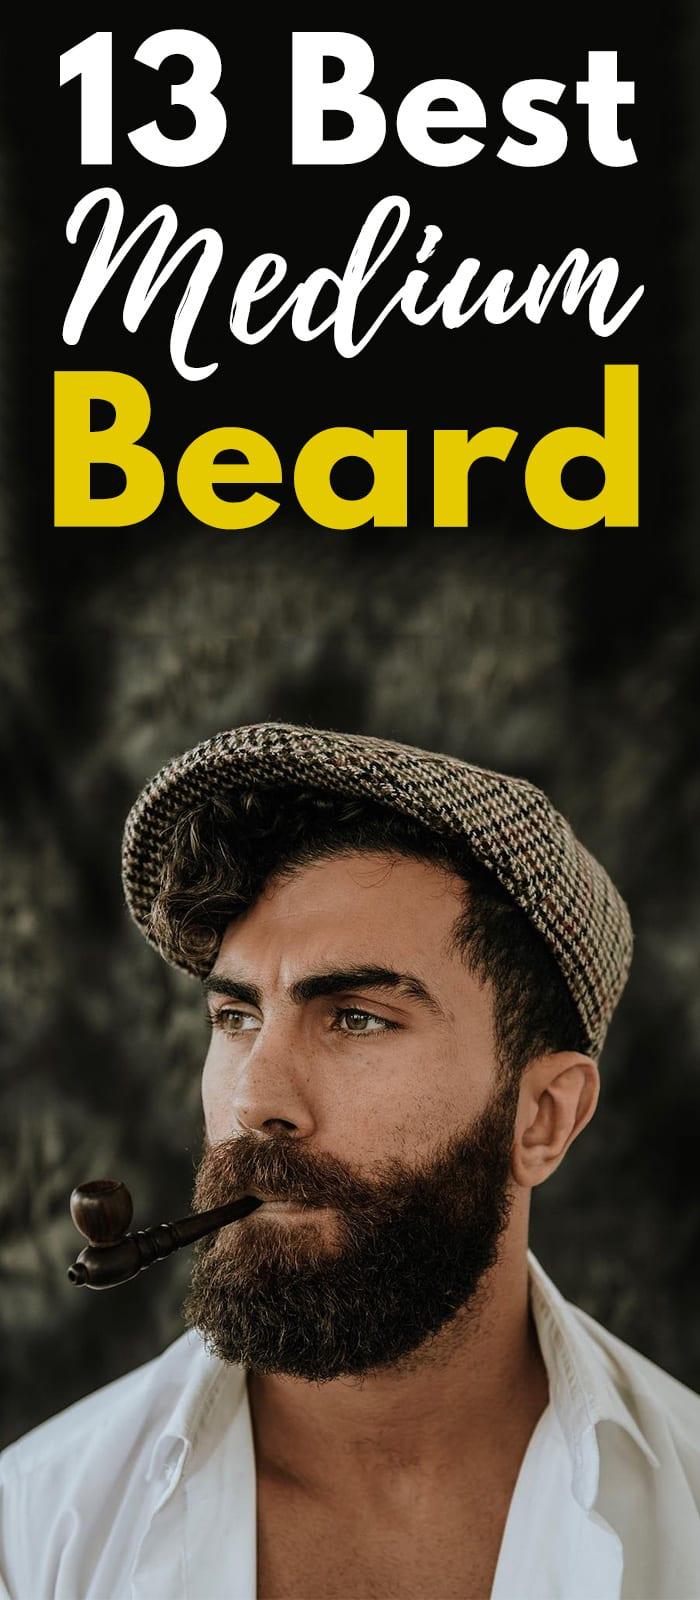 13 Best Medium Beard.